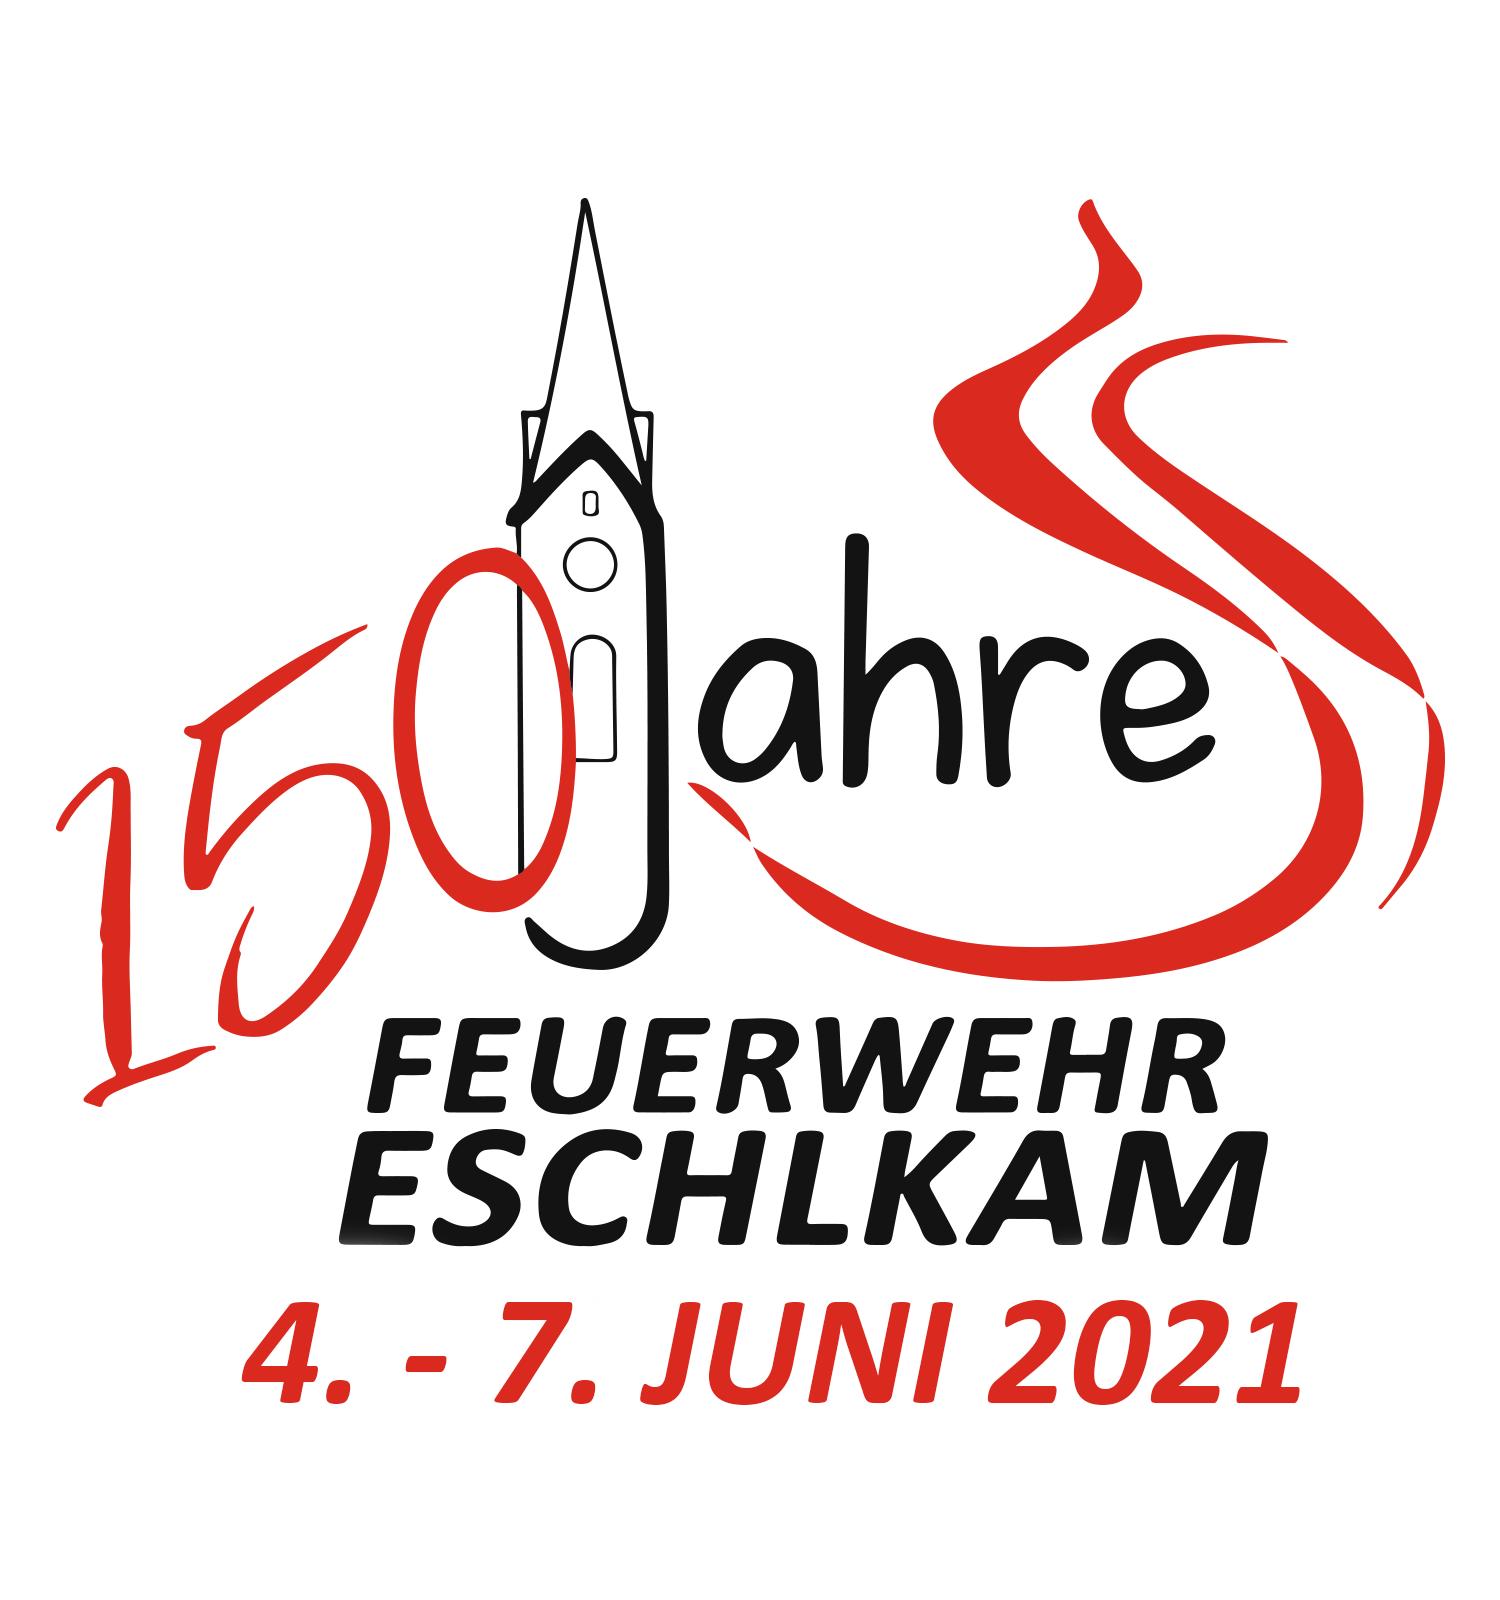 Wir feiern 150 jahre Feuerwehr Eschlkam